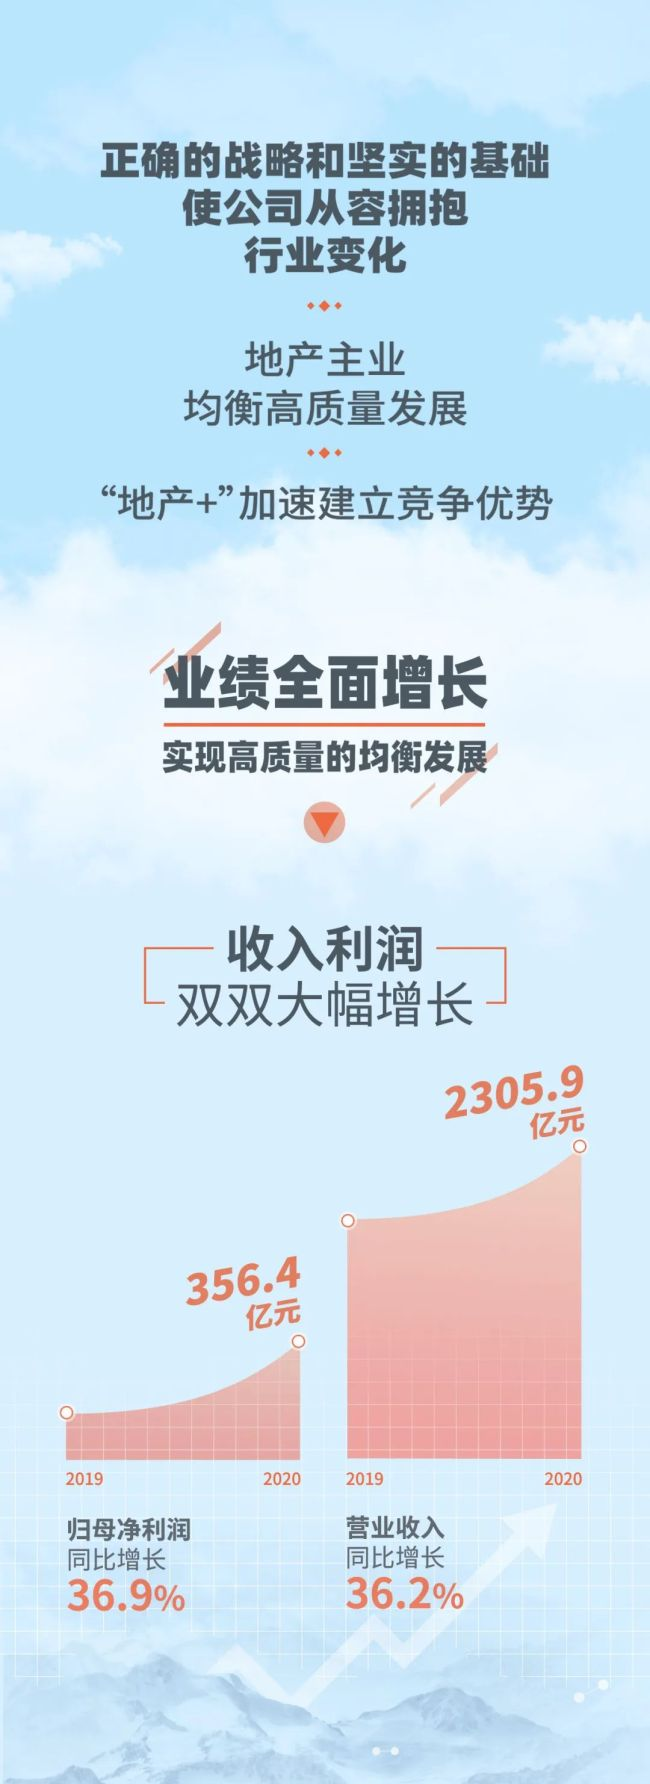 融创中国发布2020年业绩:均衡高质量发展,从容拥抱行业变化